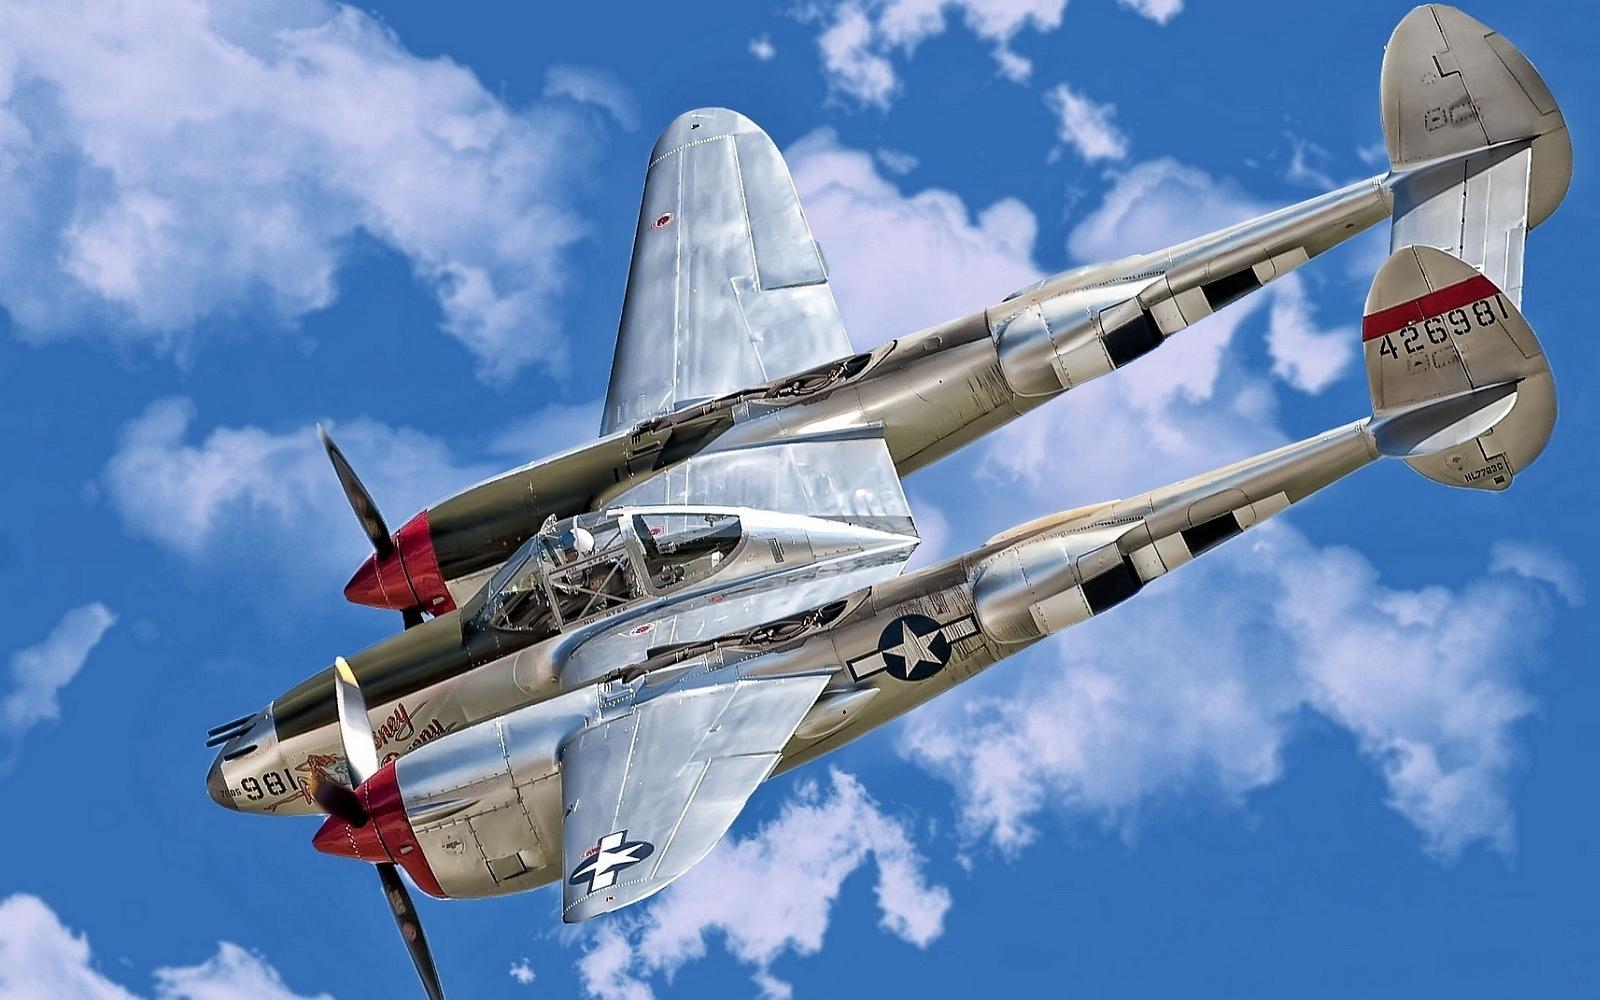 P 38 Lightning Wallpaper Lockheed P-38 Lightnin...